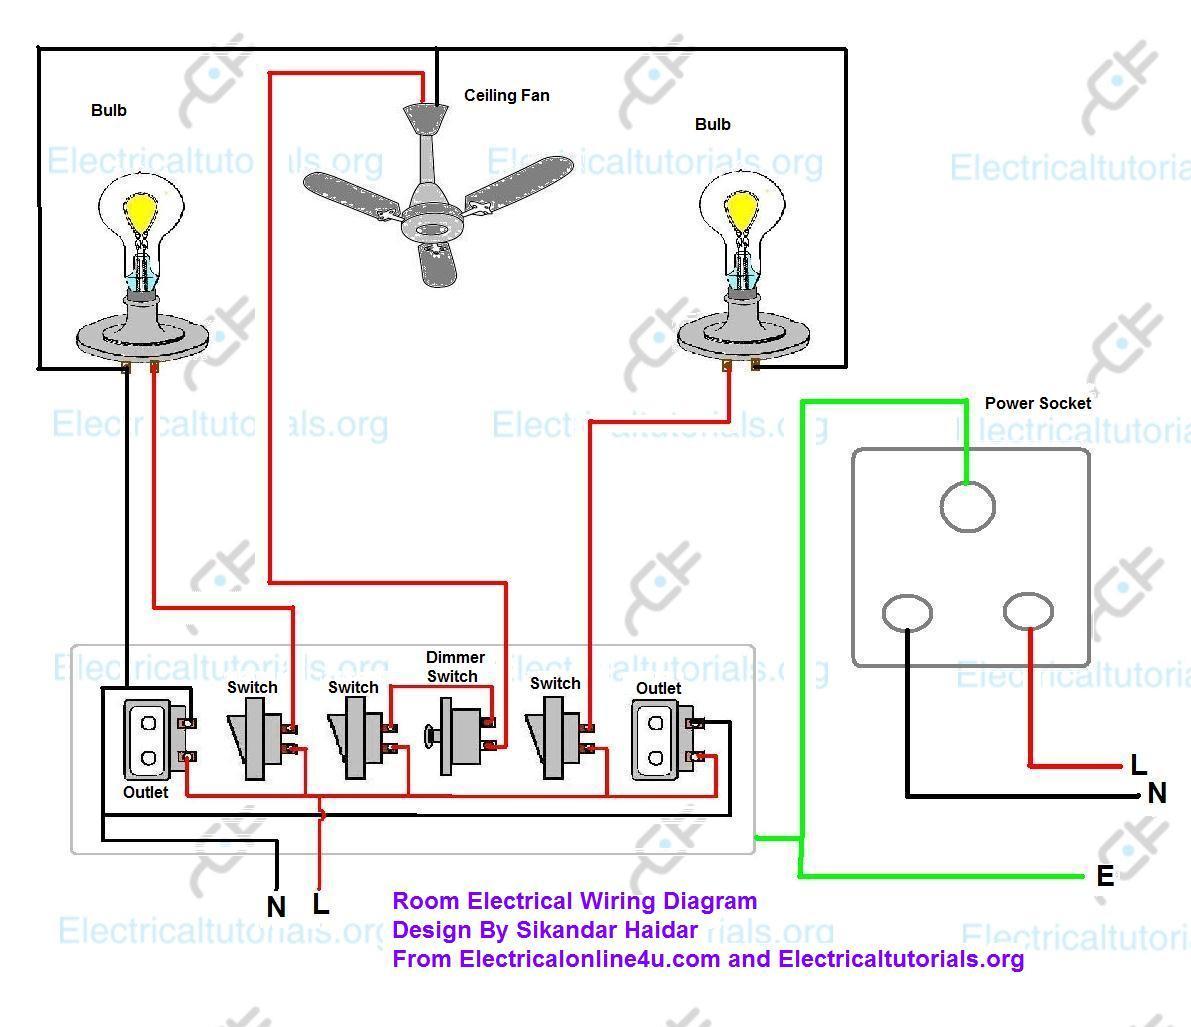 Wiring Code Bedrooms Swimming Pool Unusual Bedroom Ideas Electrical ...